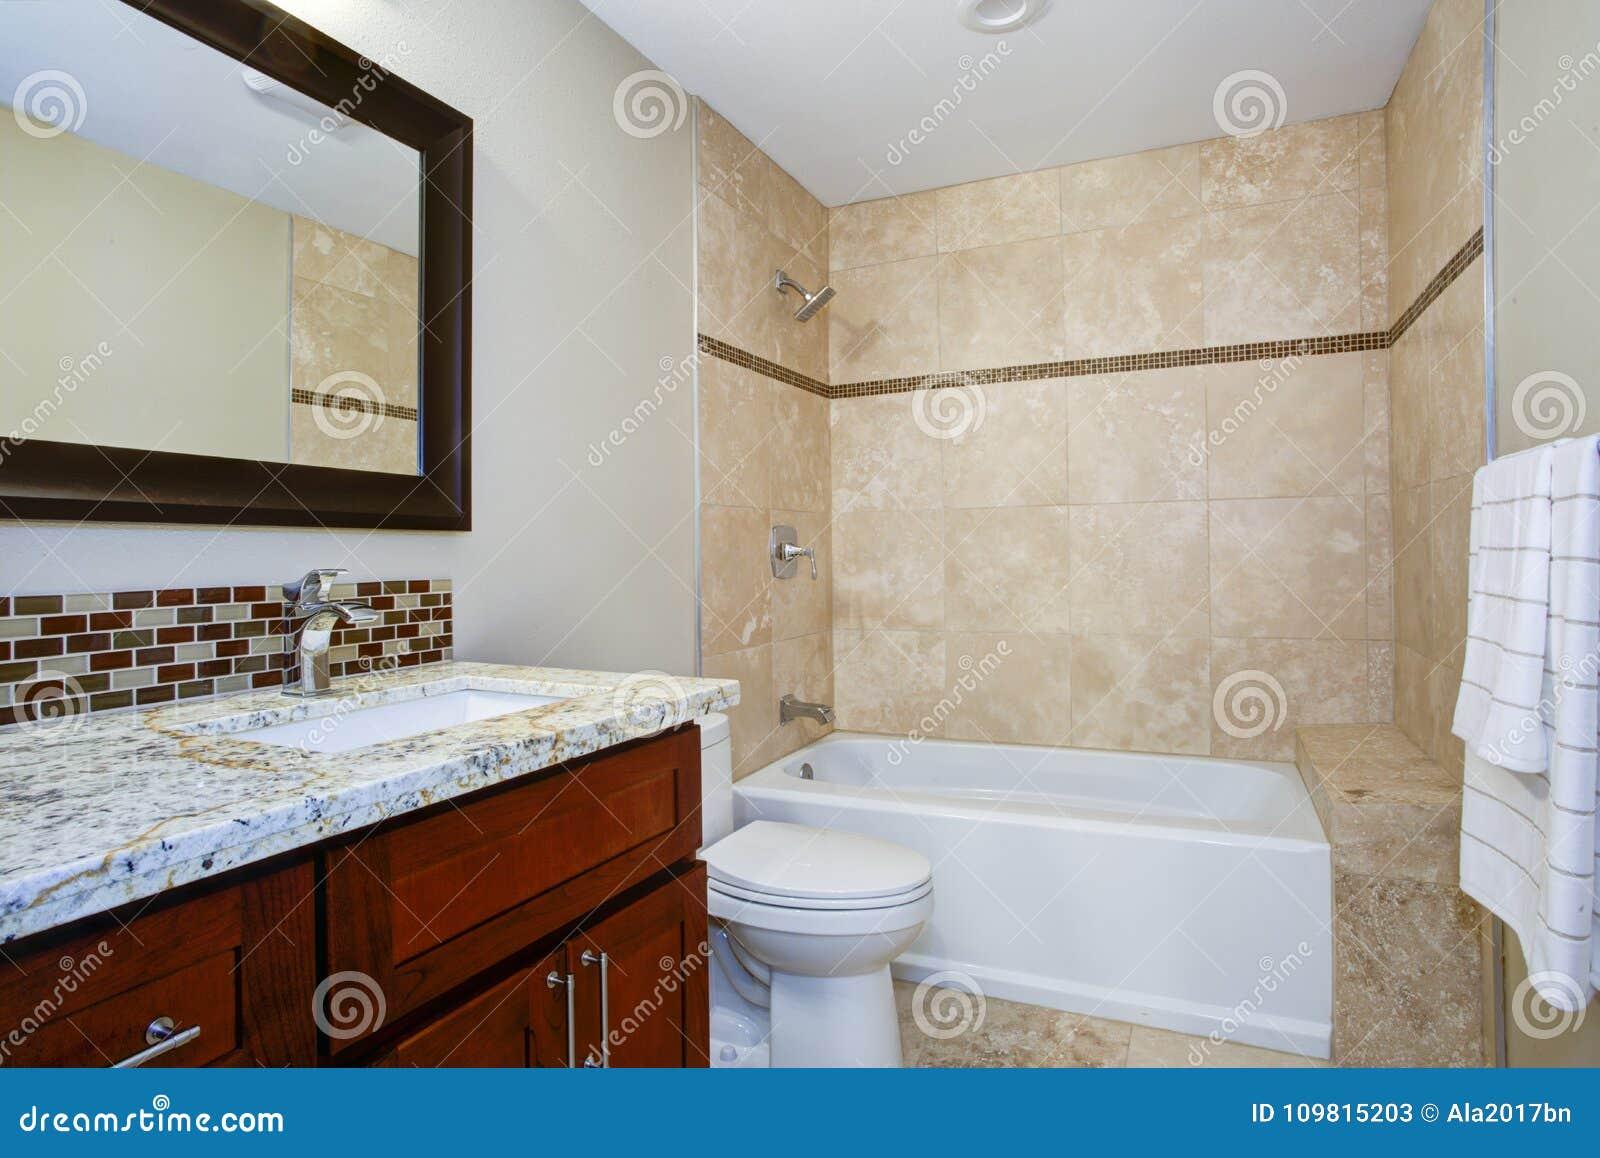 Bagno elegante con una vanità macchiata mogano